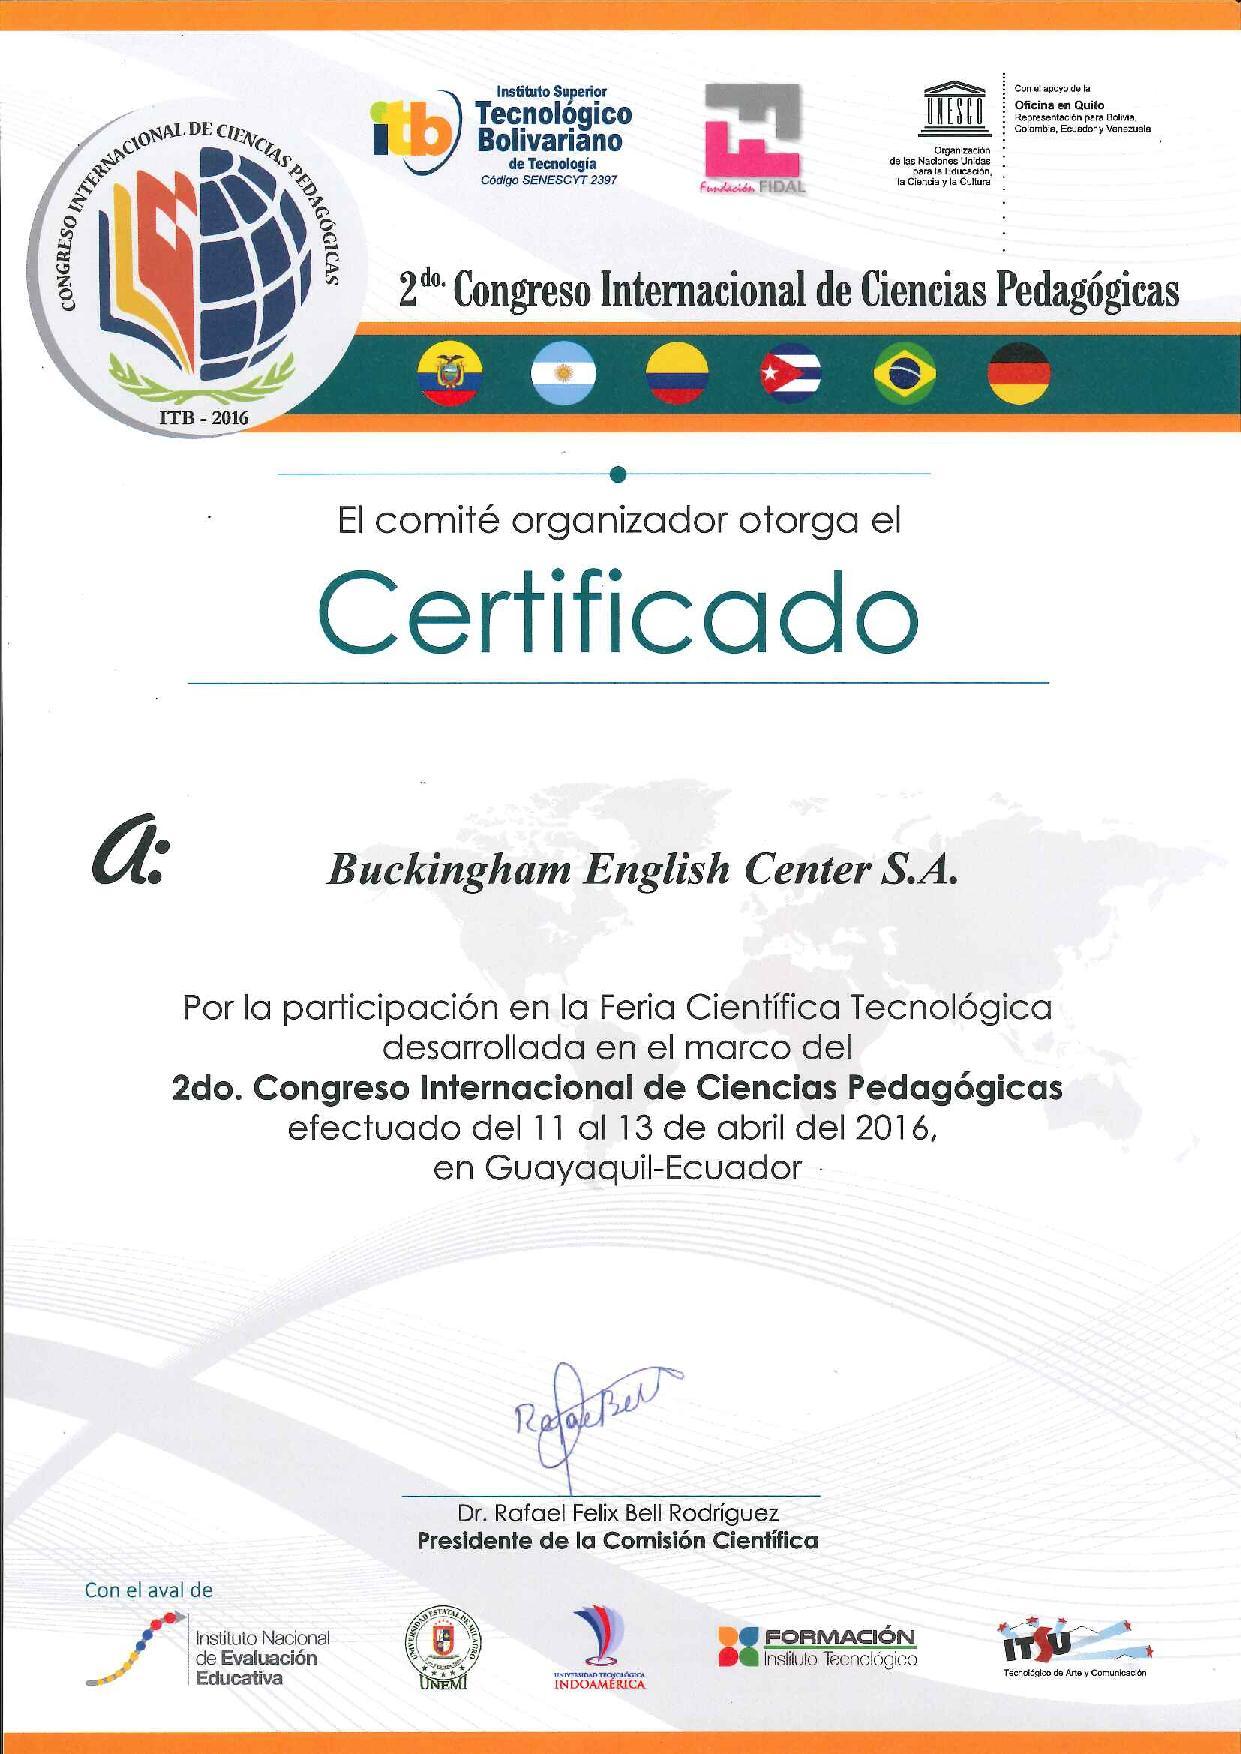 Buckingham en el Segundo Congreso Internacional de Ciencias Pedagógicas